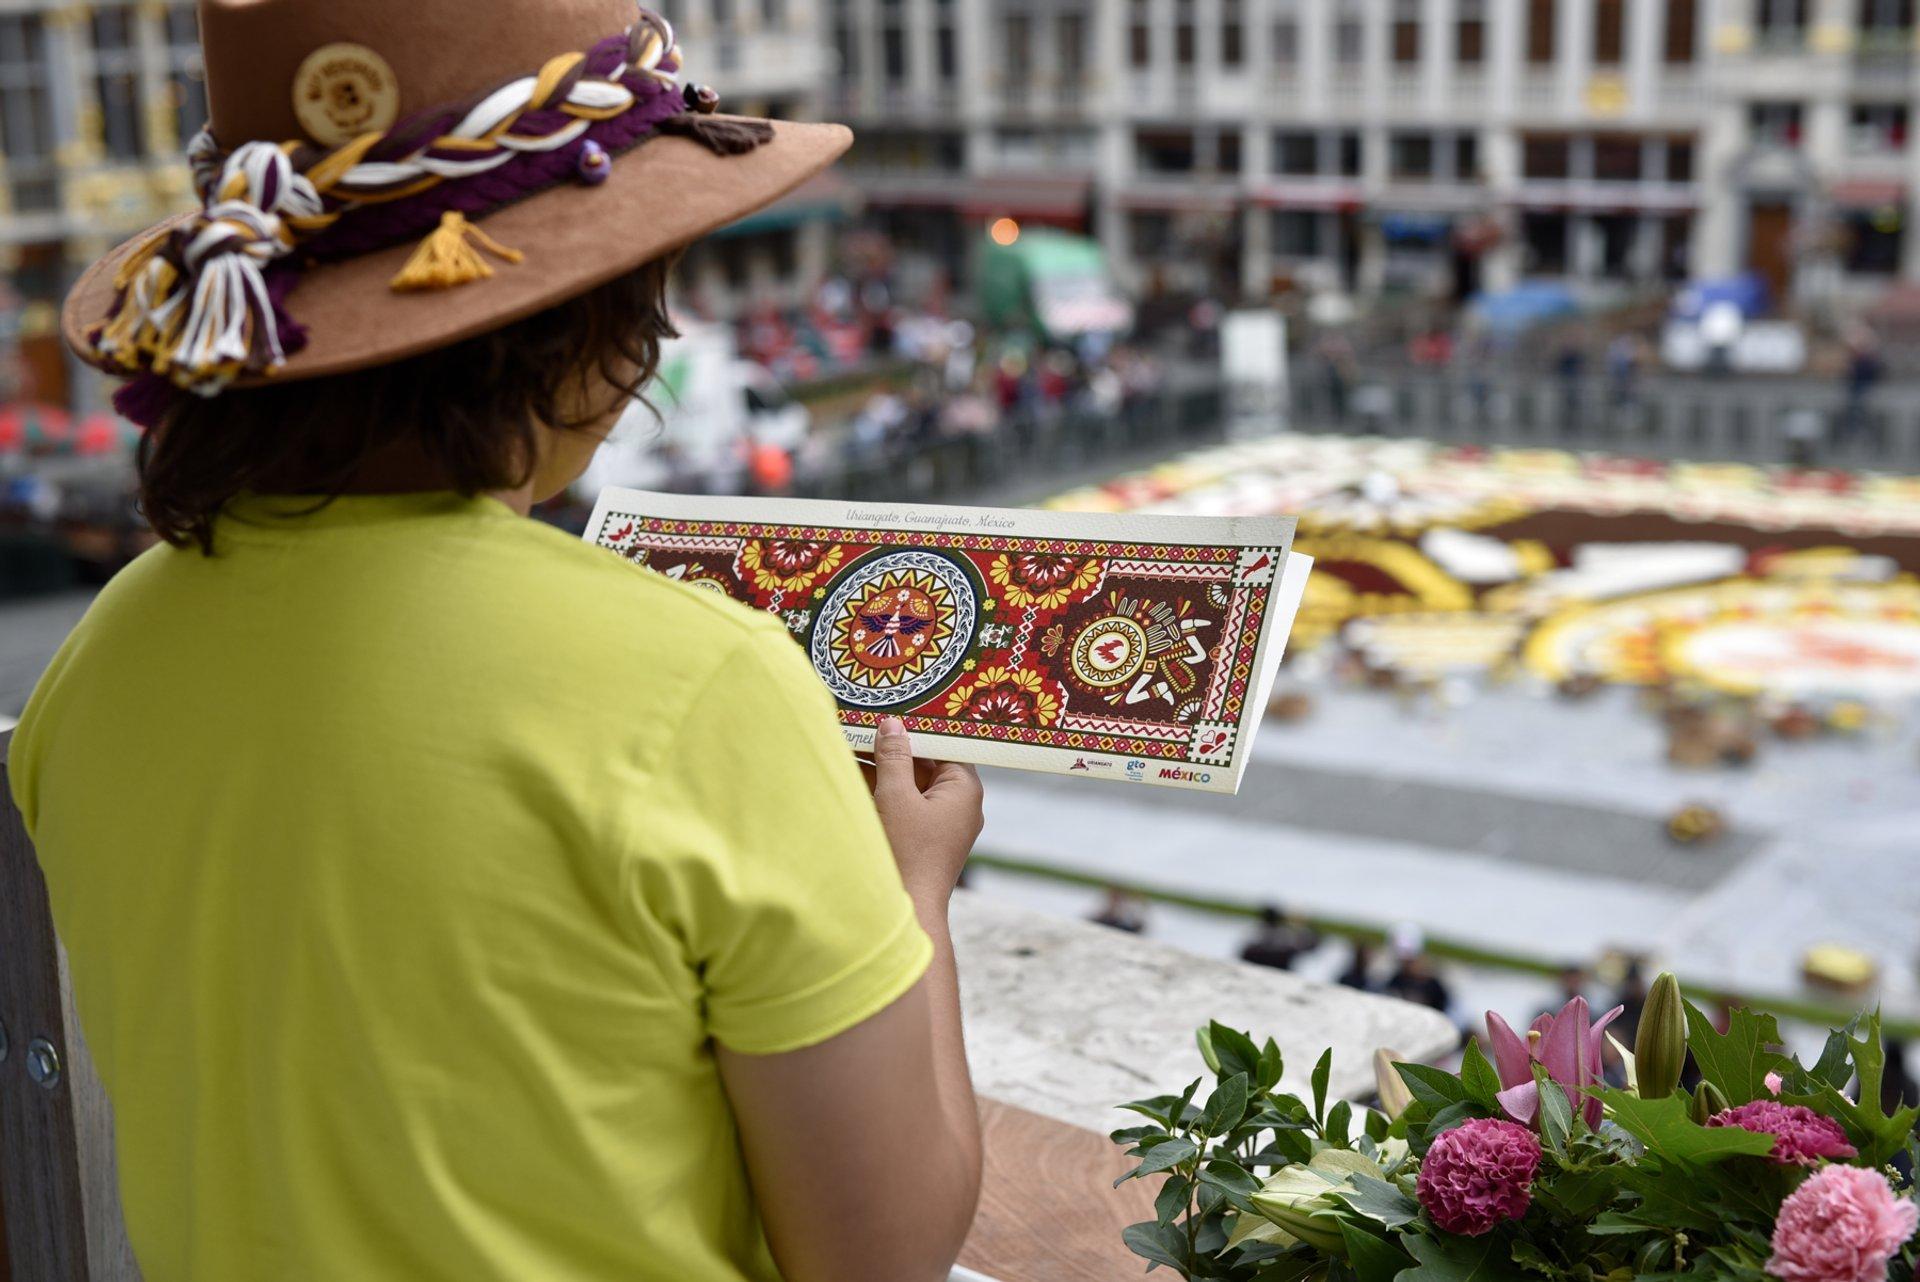 Flower Carpet & Flowertime in Brussels - Best Season 2020